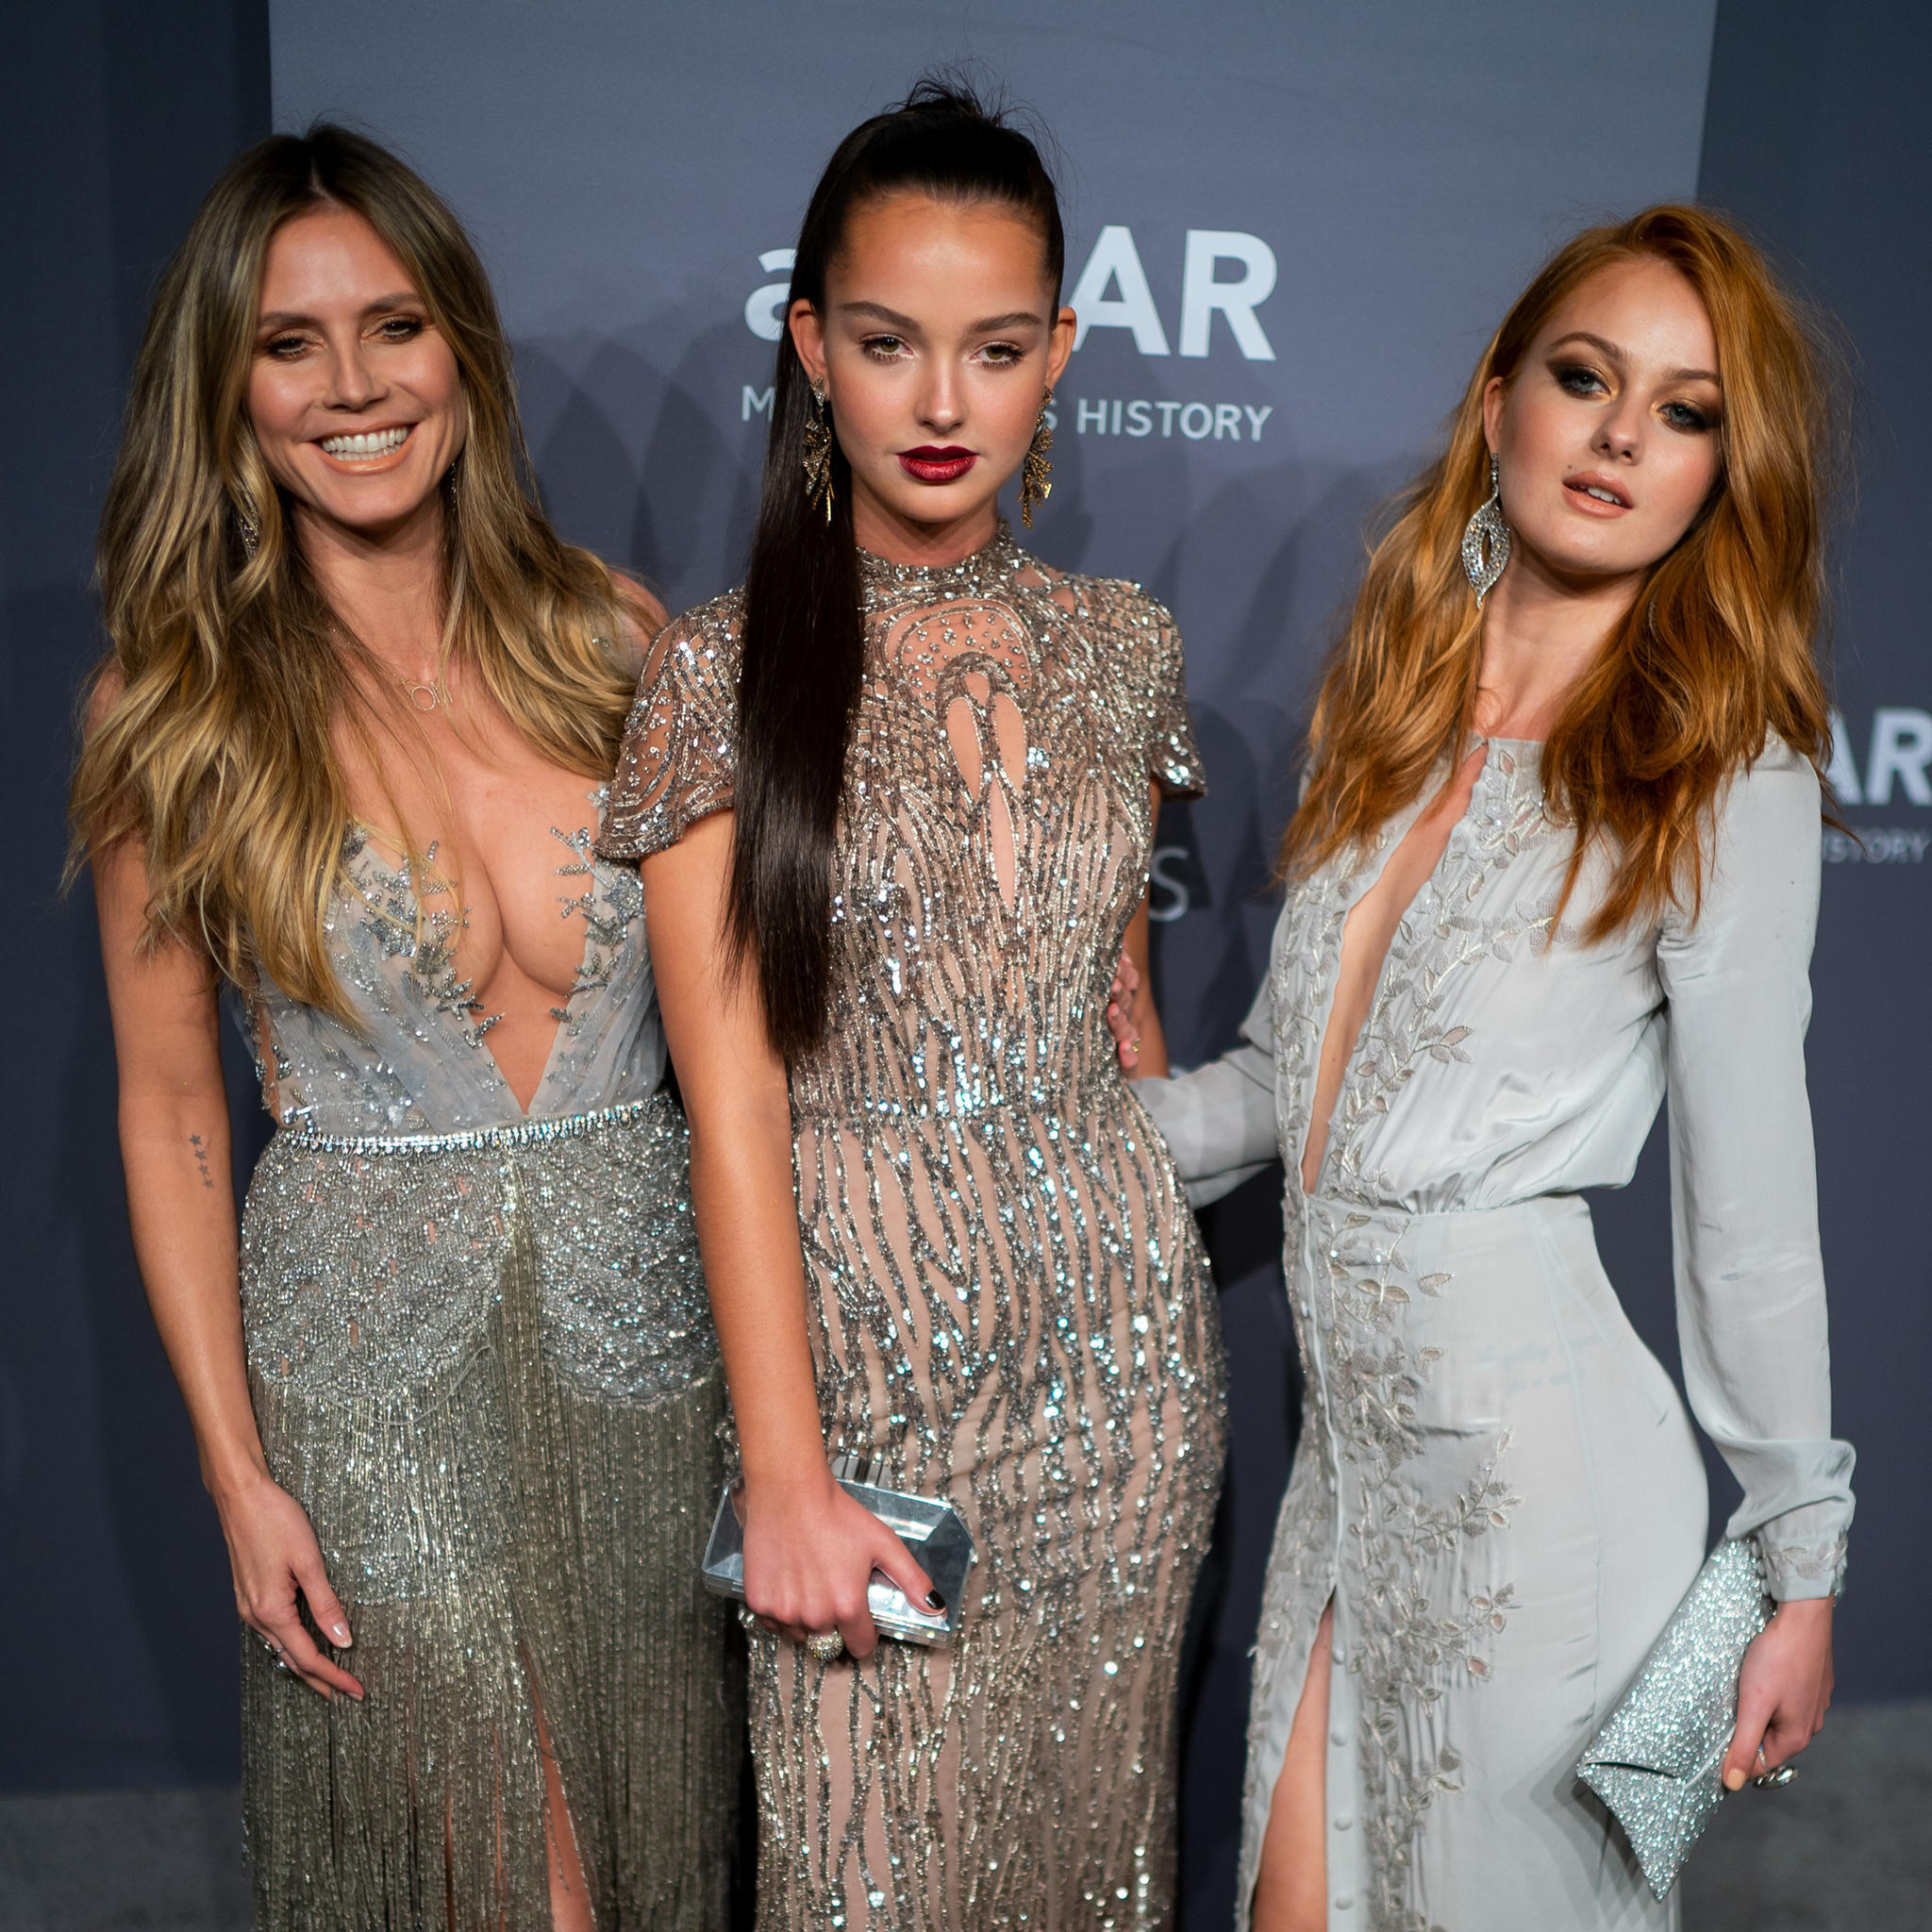 Heidi posiert mit zwei GNTM-Kandidatinnen für die Fotografen bei der amfAR Gala.